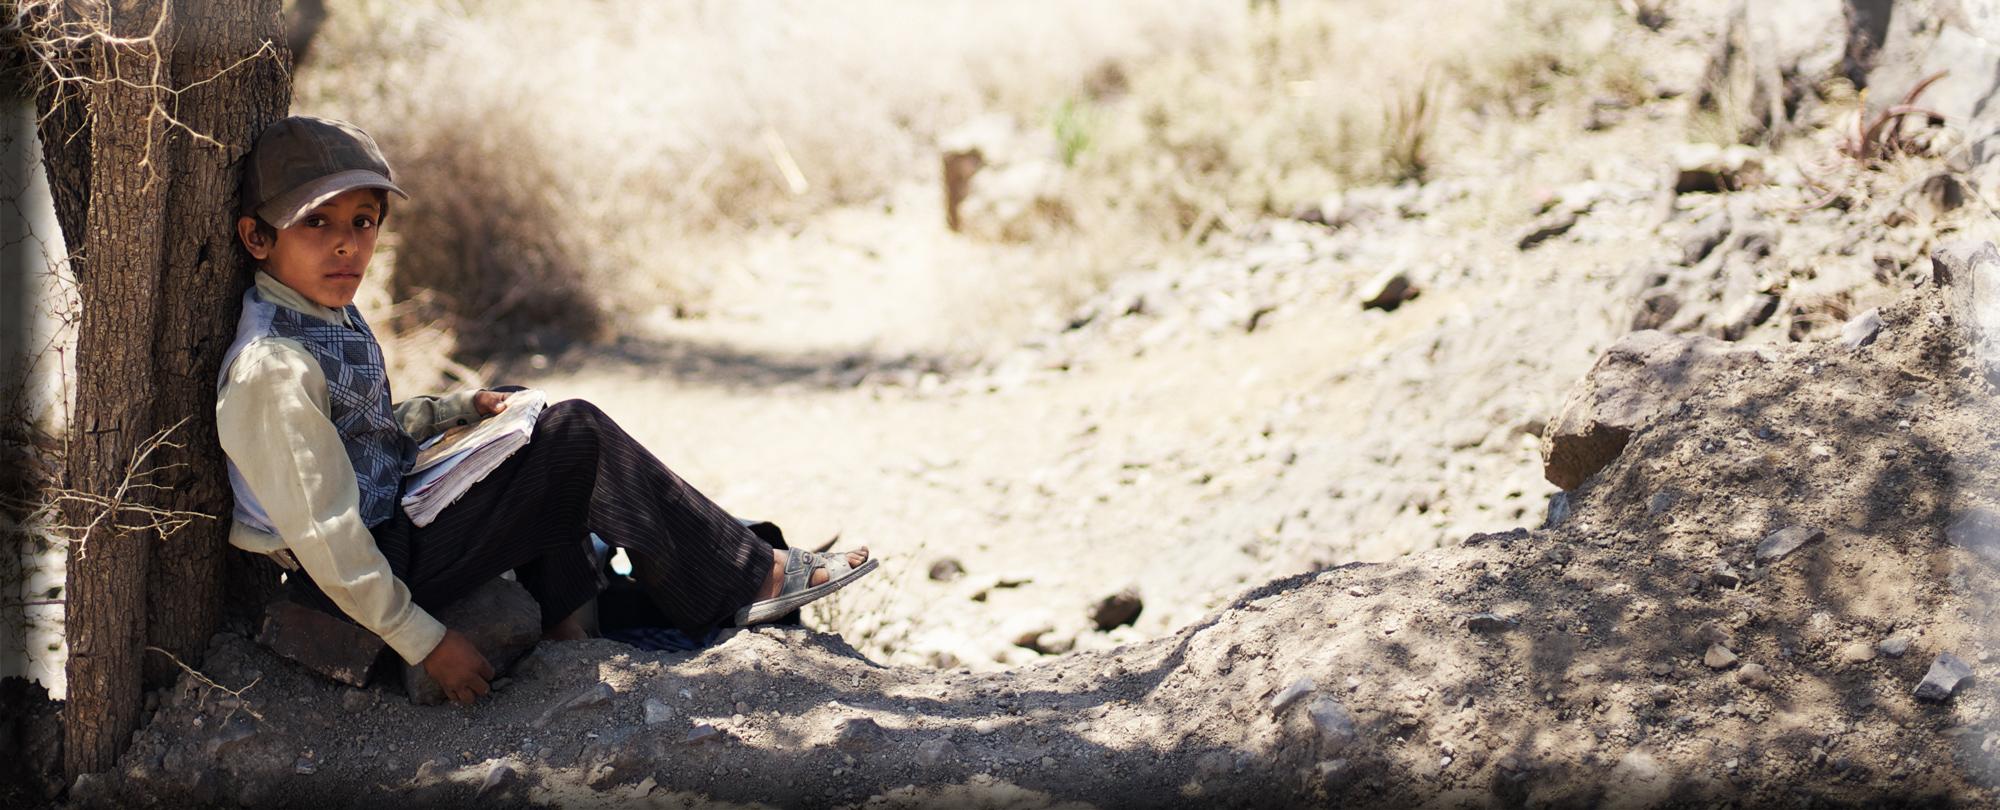 20.000 Luftschläge – ein historischer Tag im Jemenkrieg <br>  <span id='sec-title'>Genozid vor unseren Augen</span>